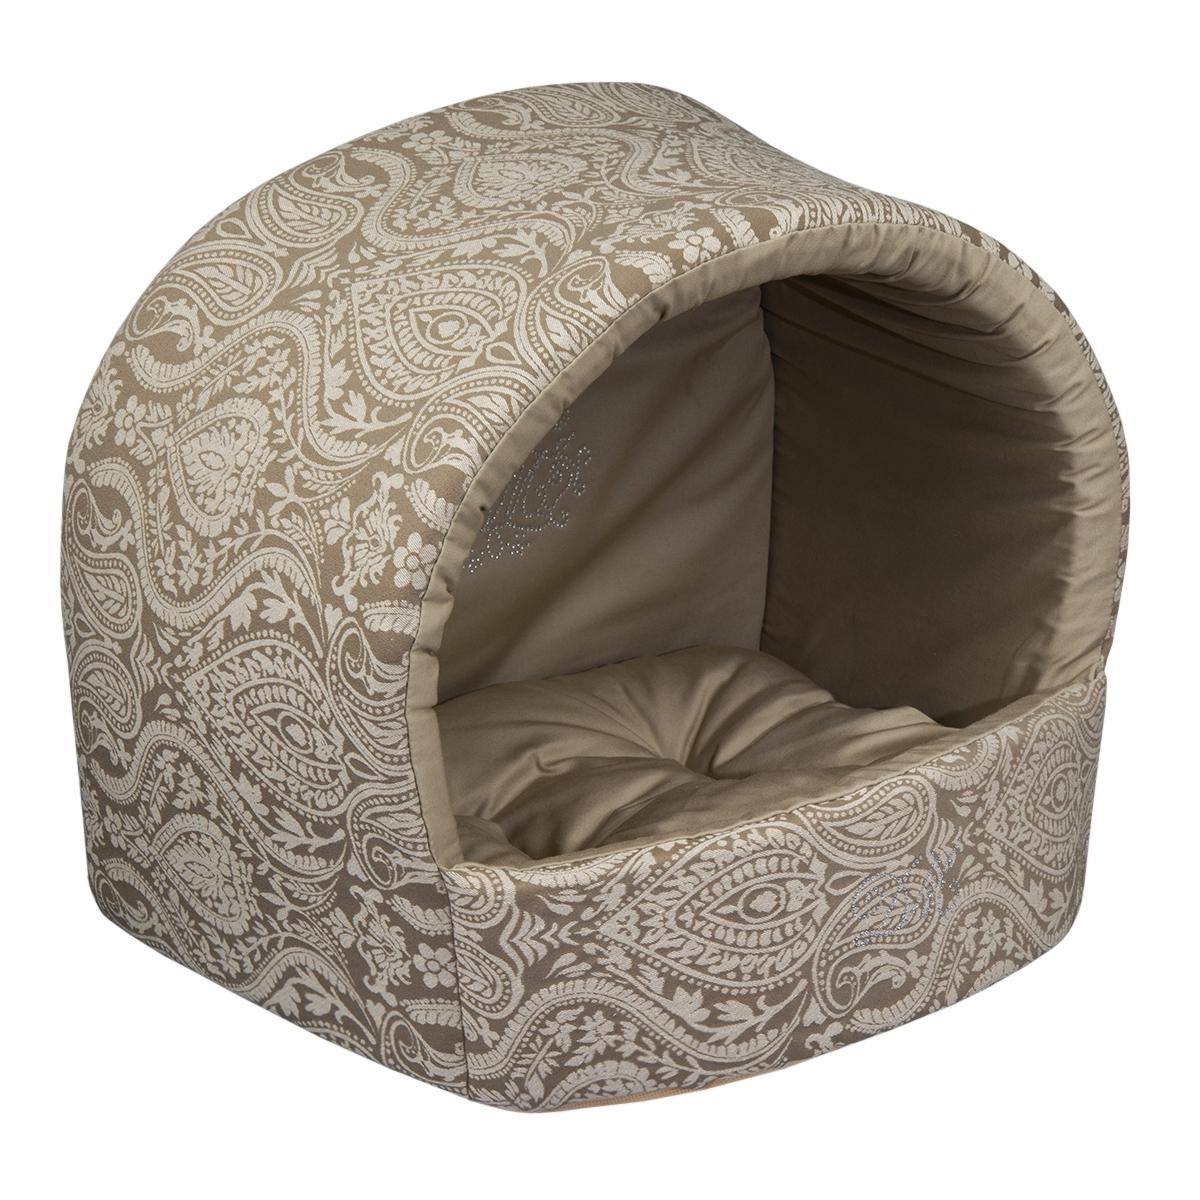 Домик для животных Dogmoda  Элегант , 38 х 36 х 35 см - Лежаки, домики, спальные места